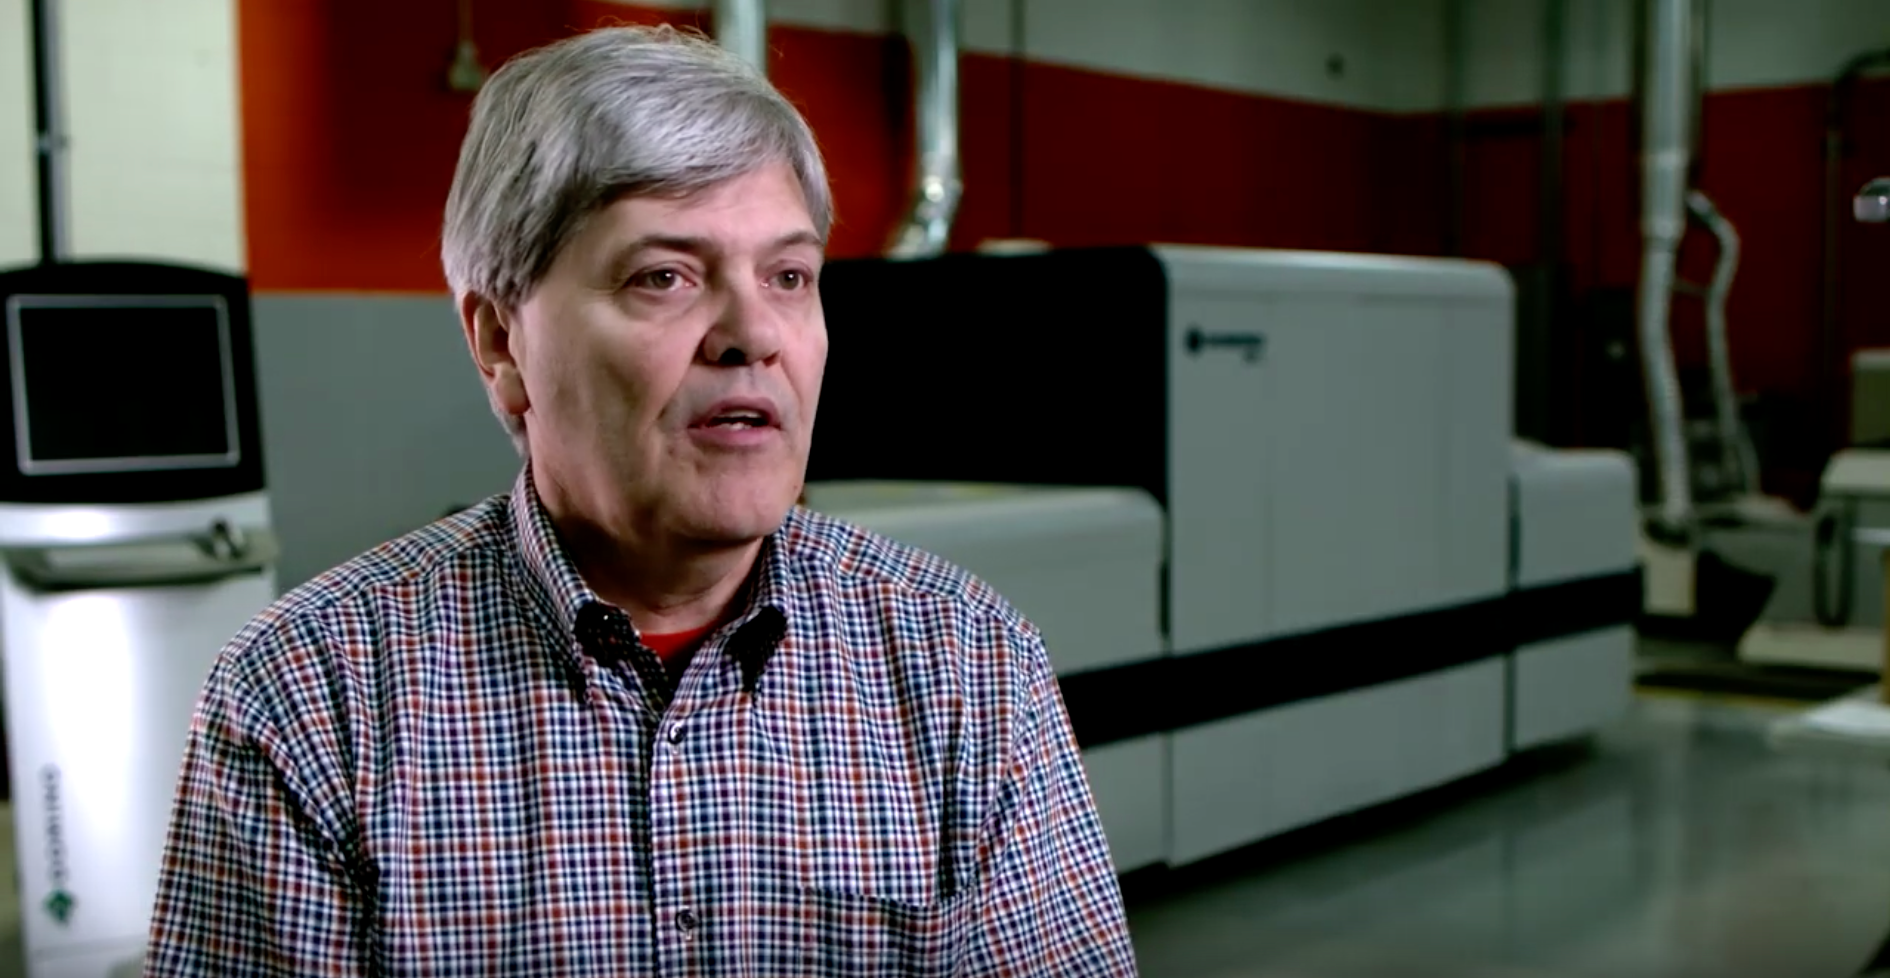 Part I: CEO Mark Turk and the Domino/IL&P Company History